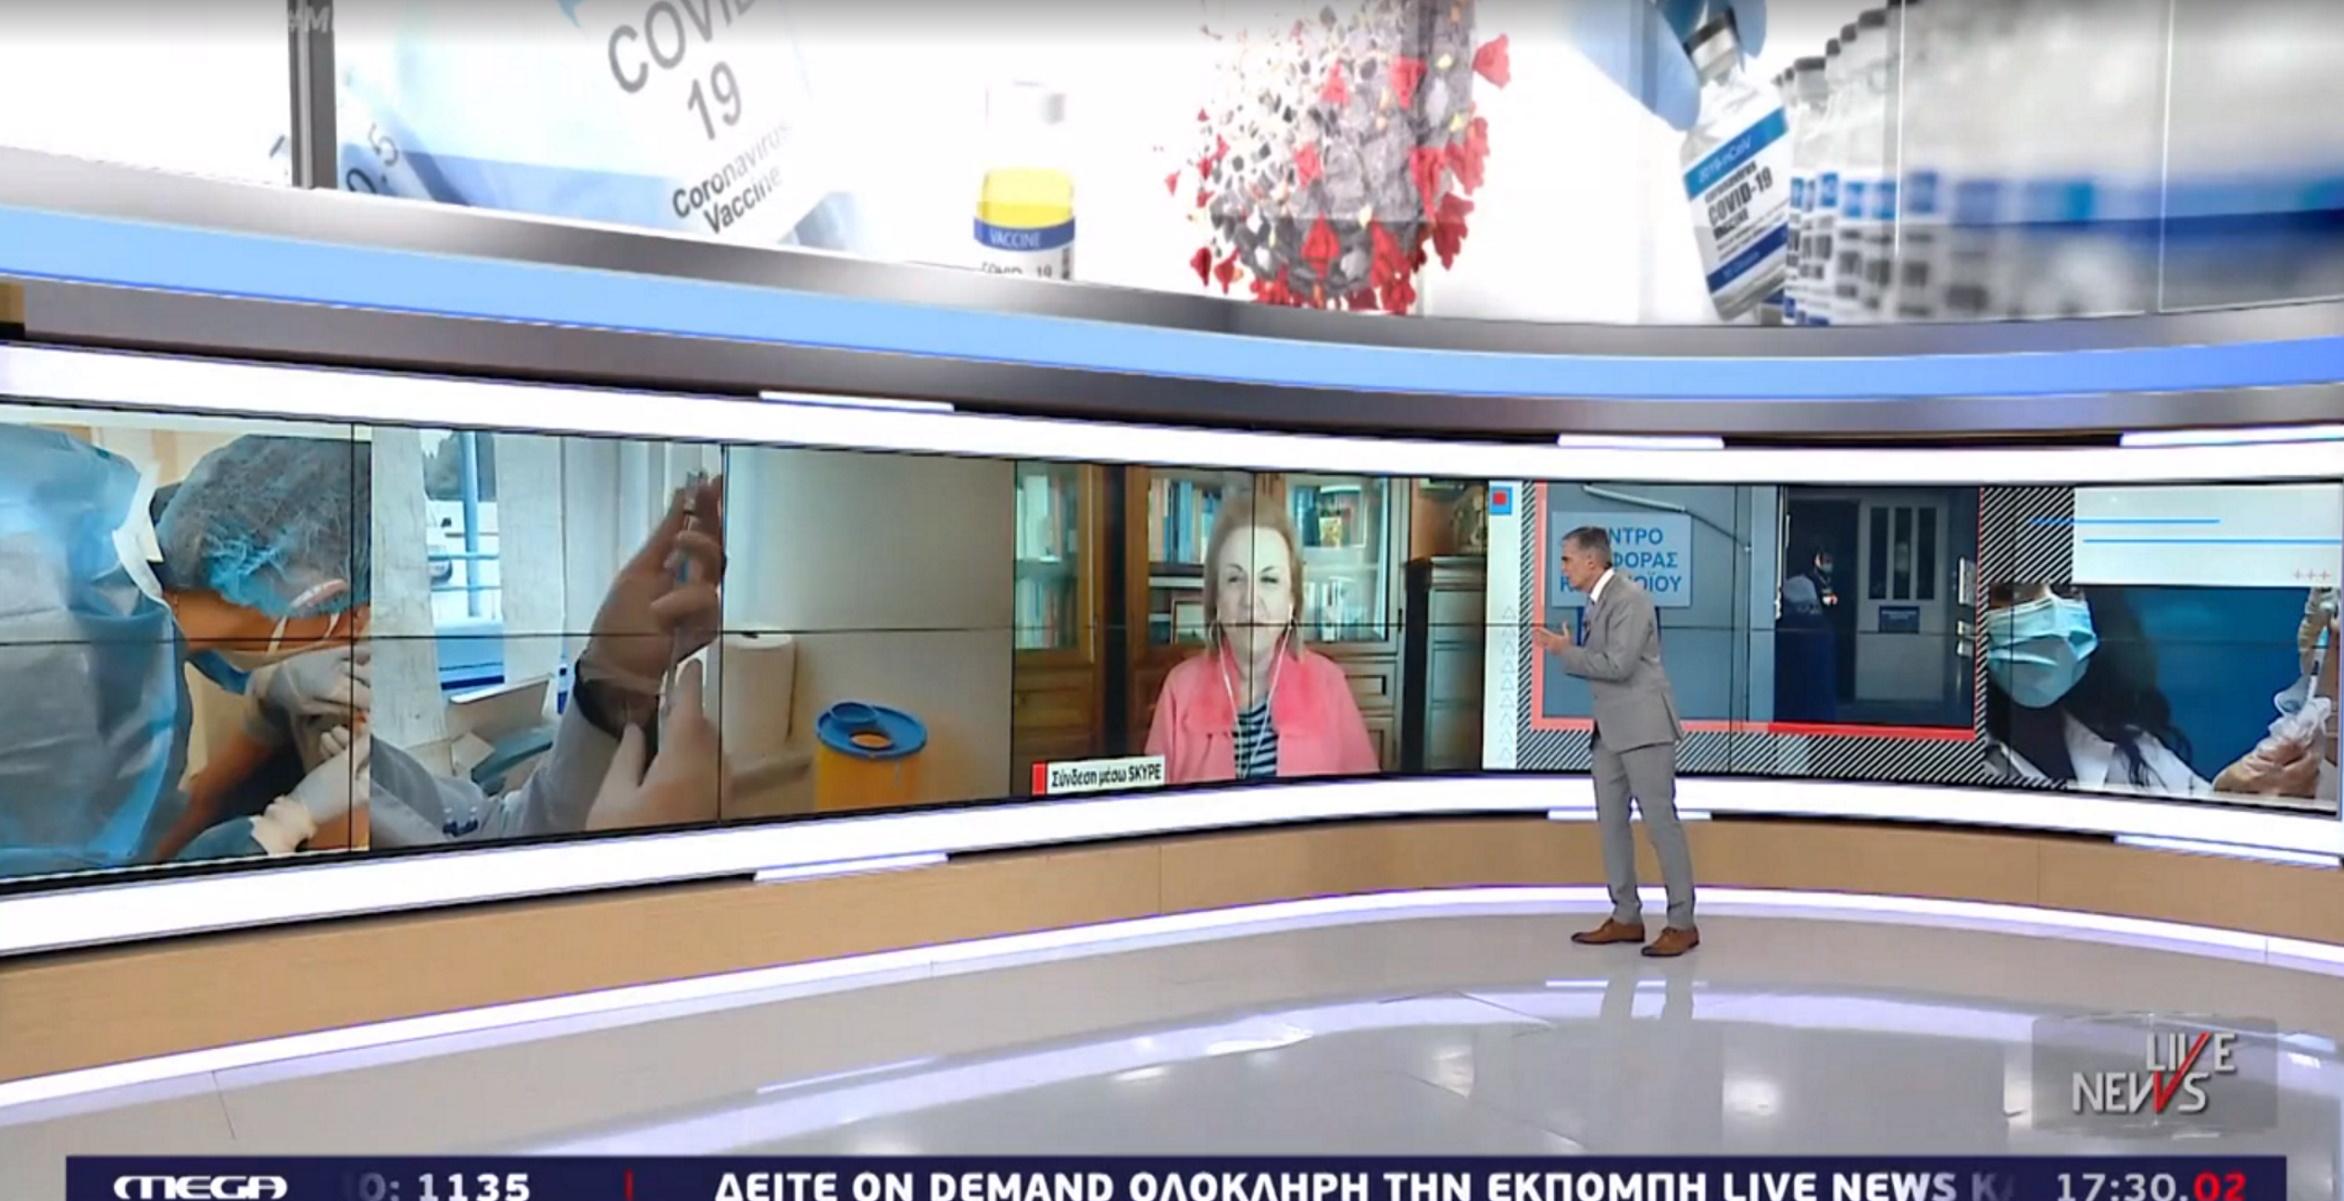 Παγώνη στο Live News για το Πάσχα, τα self test στα Λύκεια αλλά και για το τεστ μέσω κινητού (video)